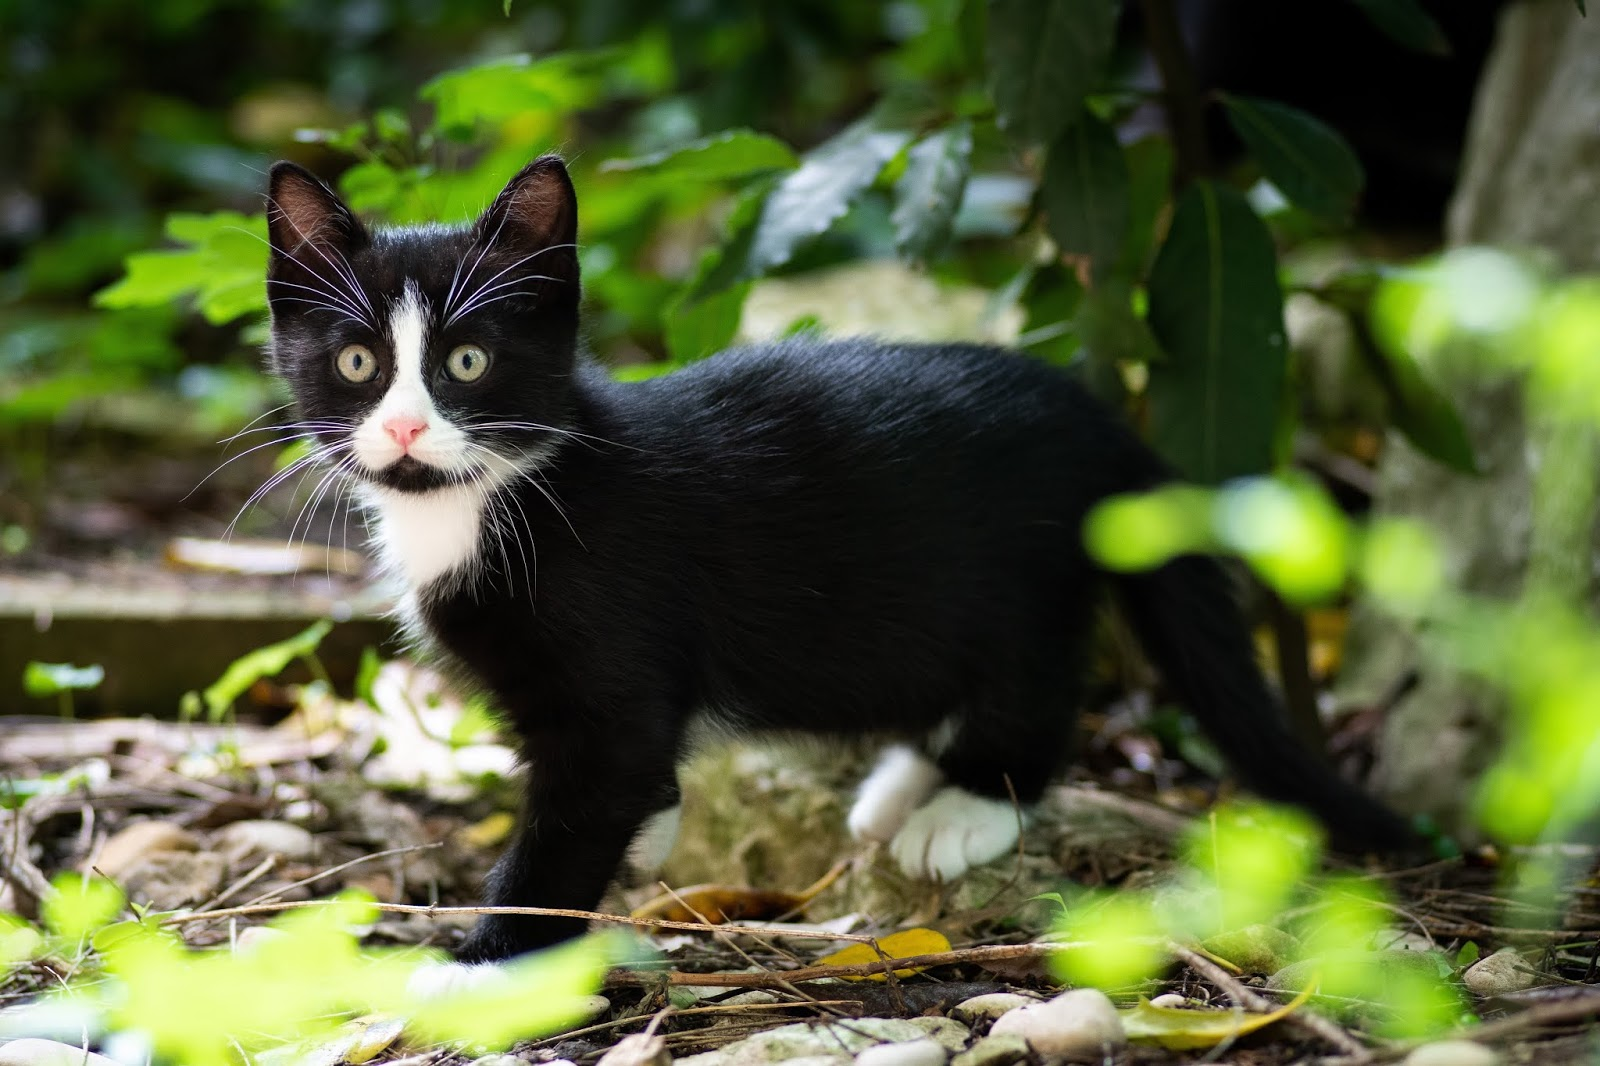 tuxedo kitten beside leafed plant,cat images